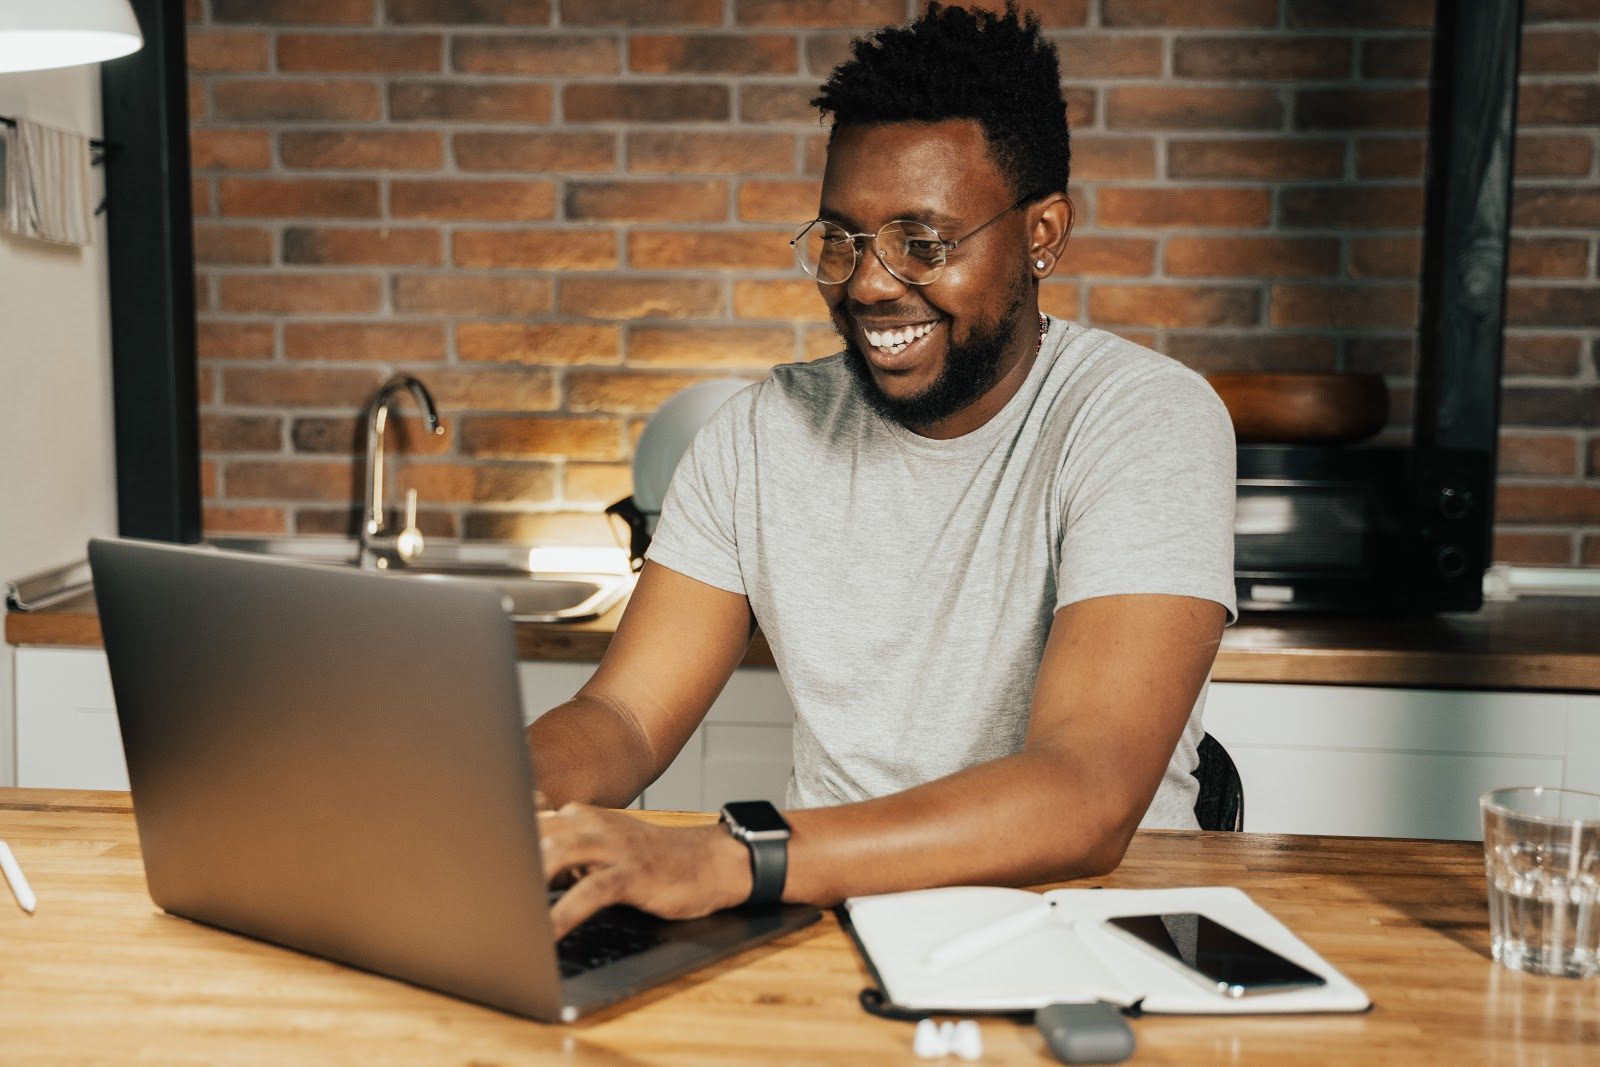 jeune homme souriant devant son ordinateur